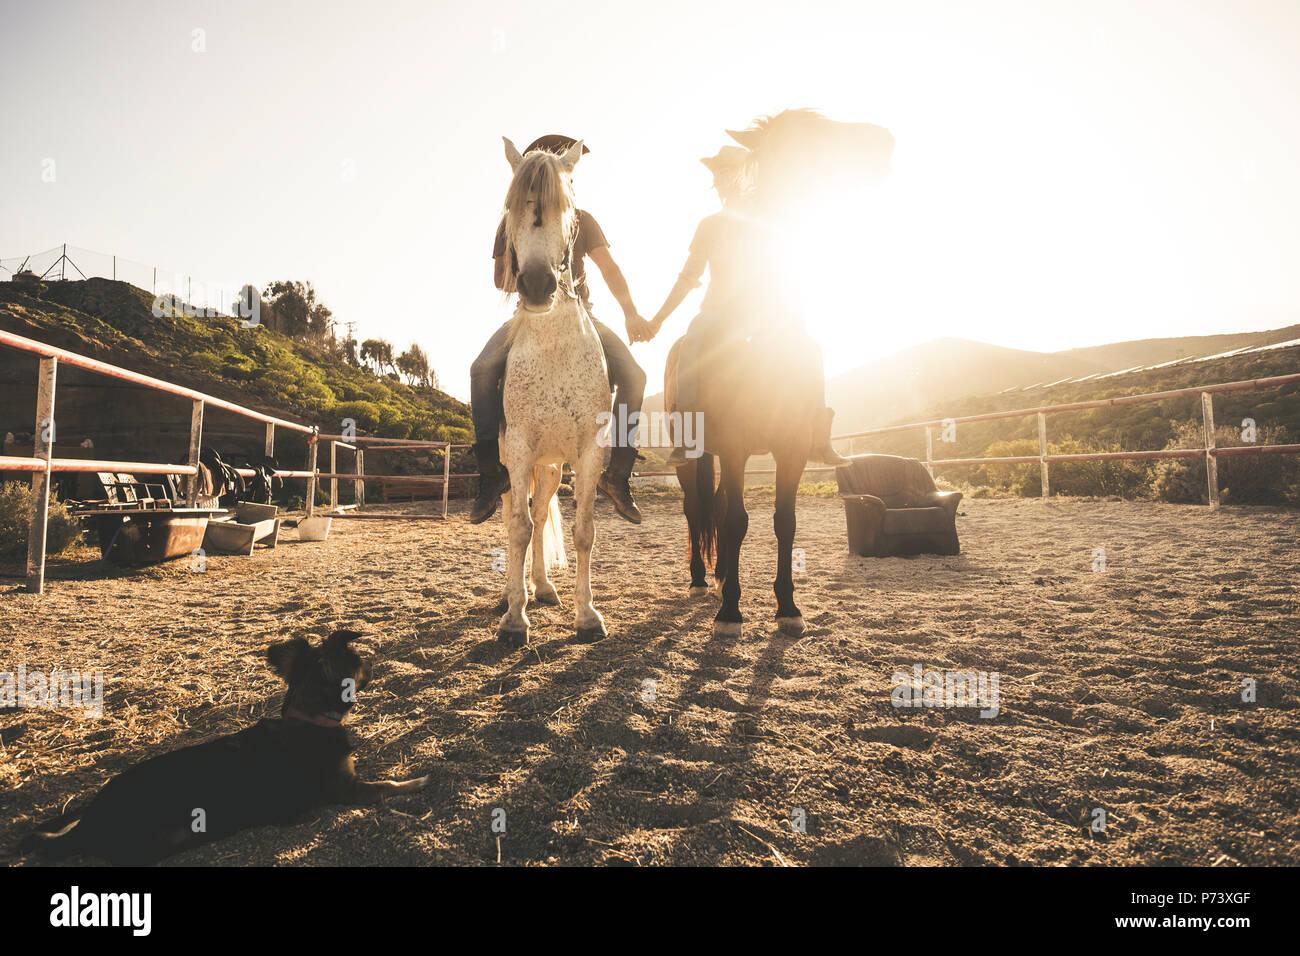 Equitazione scenic foto con due animali e persone giovane e un cane tenendo le mani con amore e amicizia e la luce del sole al tramonto in background. w Immagini Stock